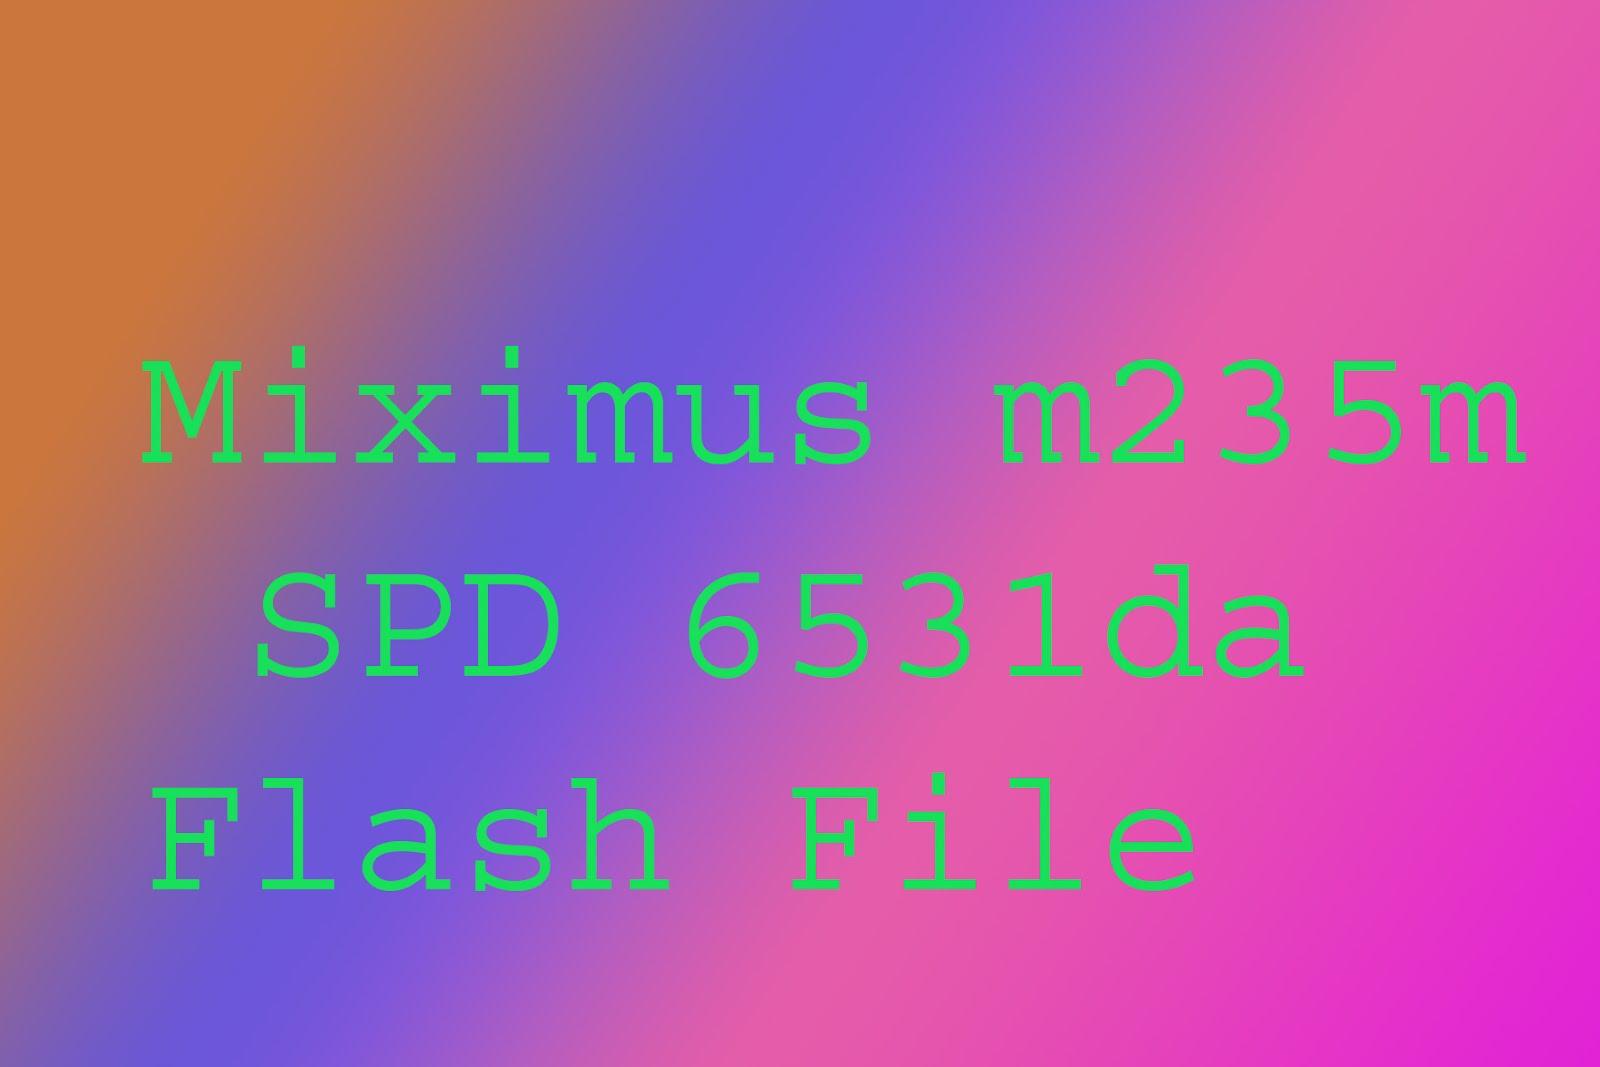 Maximus M235m SPD 6531da Fimware file